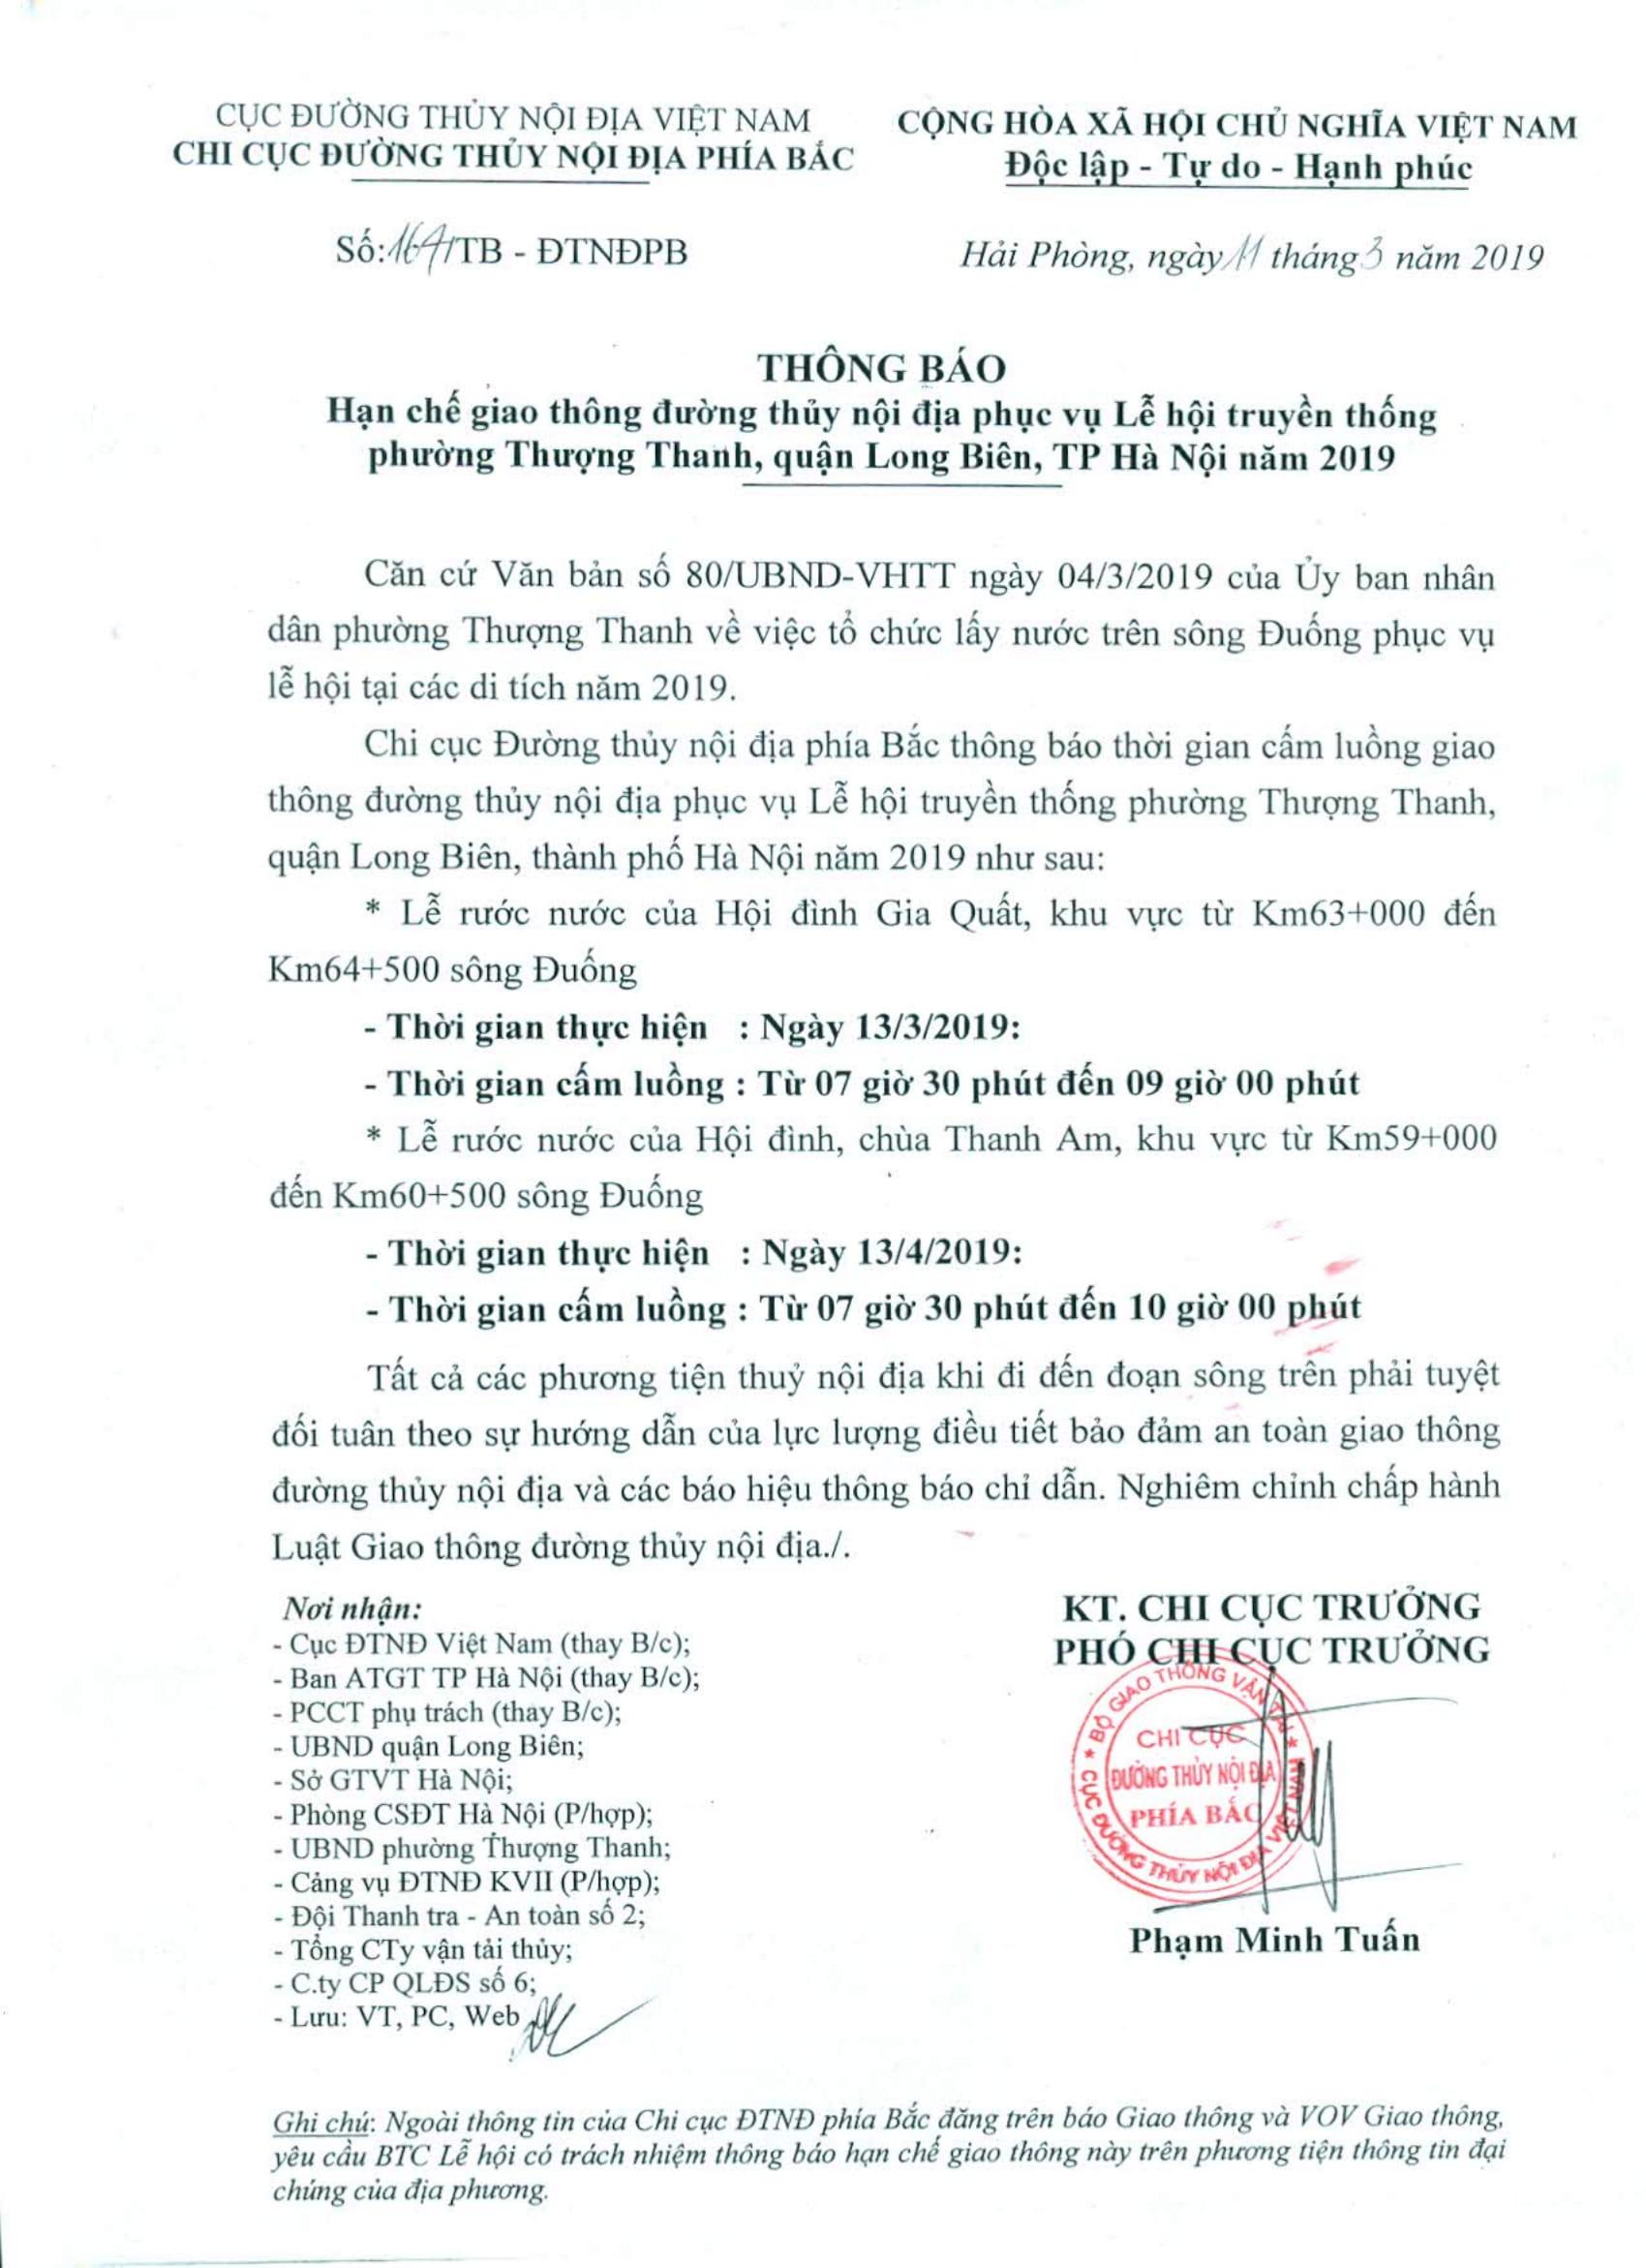 Thông báo HCGT ĐTNĐ KV km 63+000 đến km 64+500 sông Đuống (ngày 13/3/2019) và KV km 59+000 đến km 60+500 (ngày 13/4/2019), phục vụ lế hội truyền thống phường Thượng Thanh, Long Biên, Hà Nội